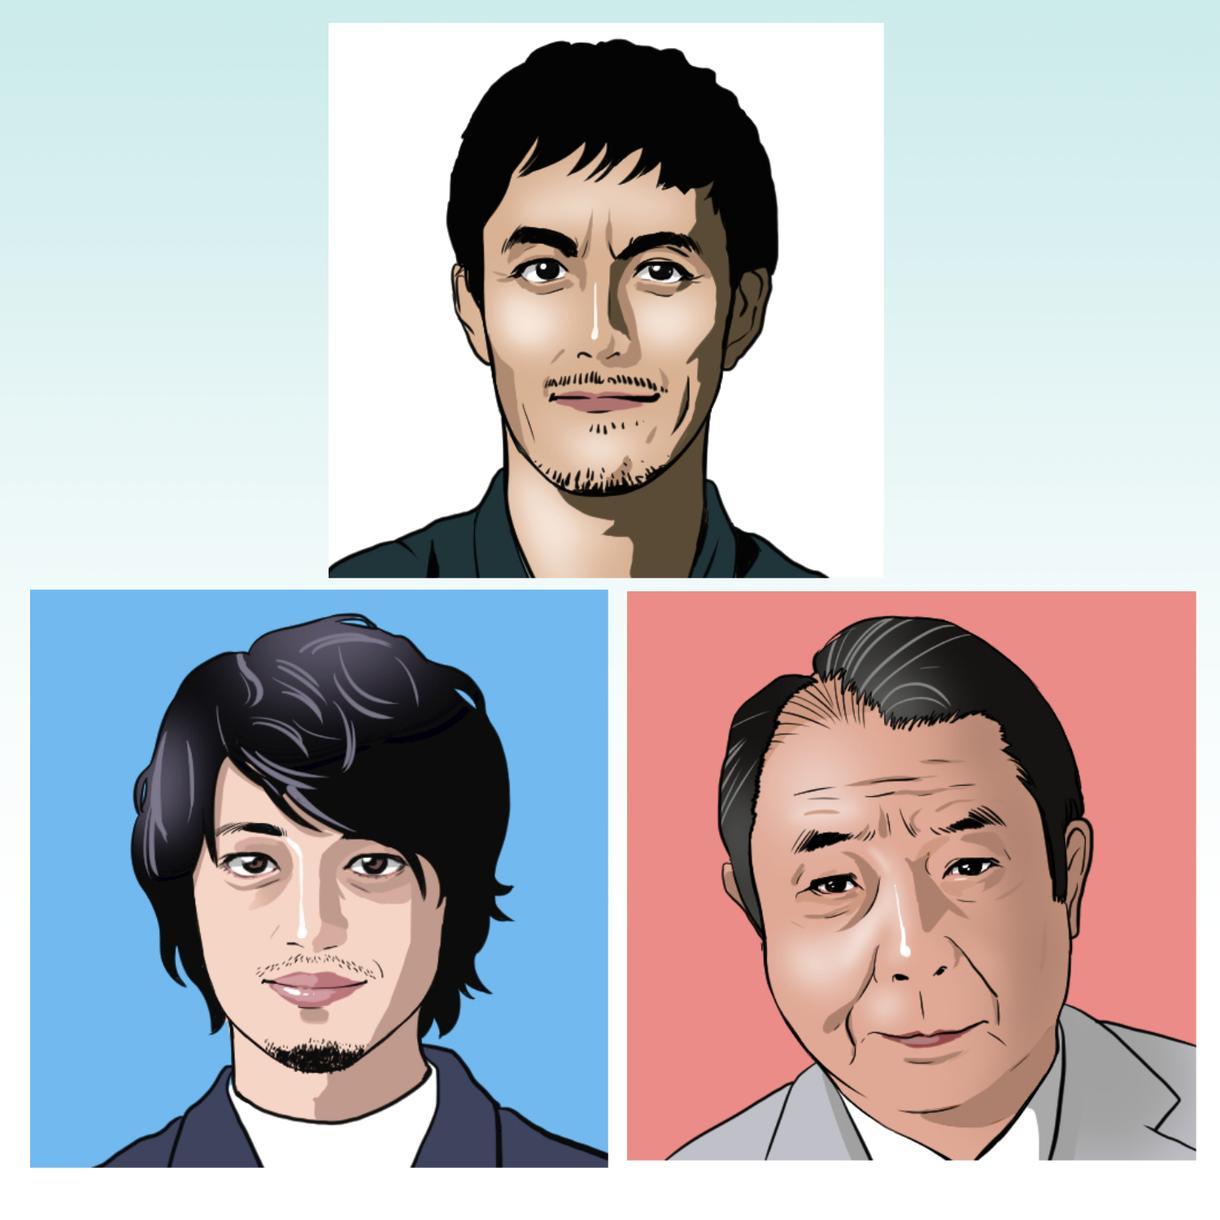 あなたのお写真通りに似顔絵をお描きします。